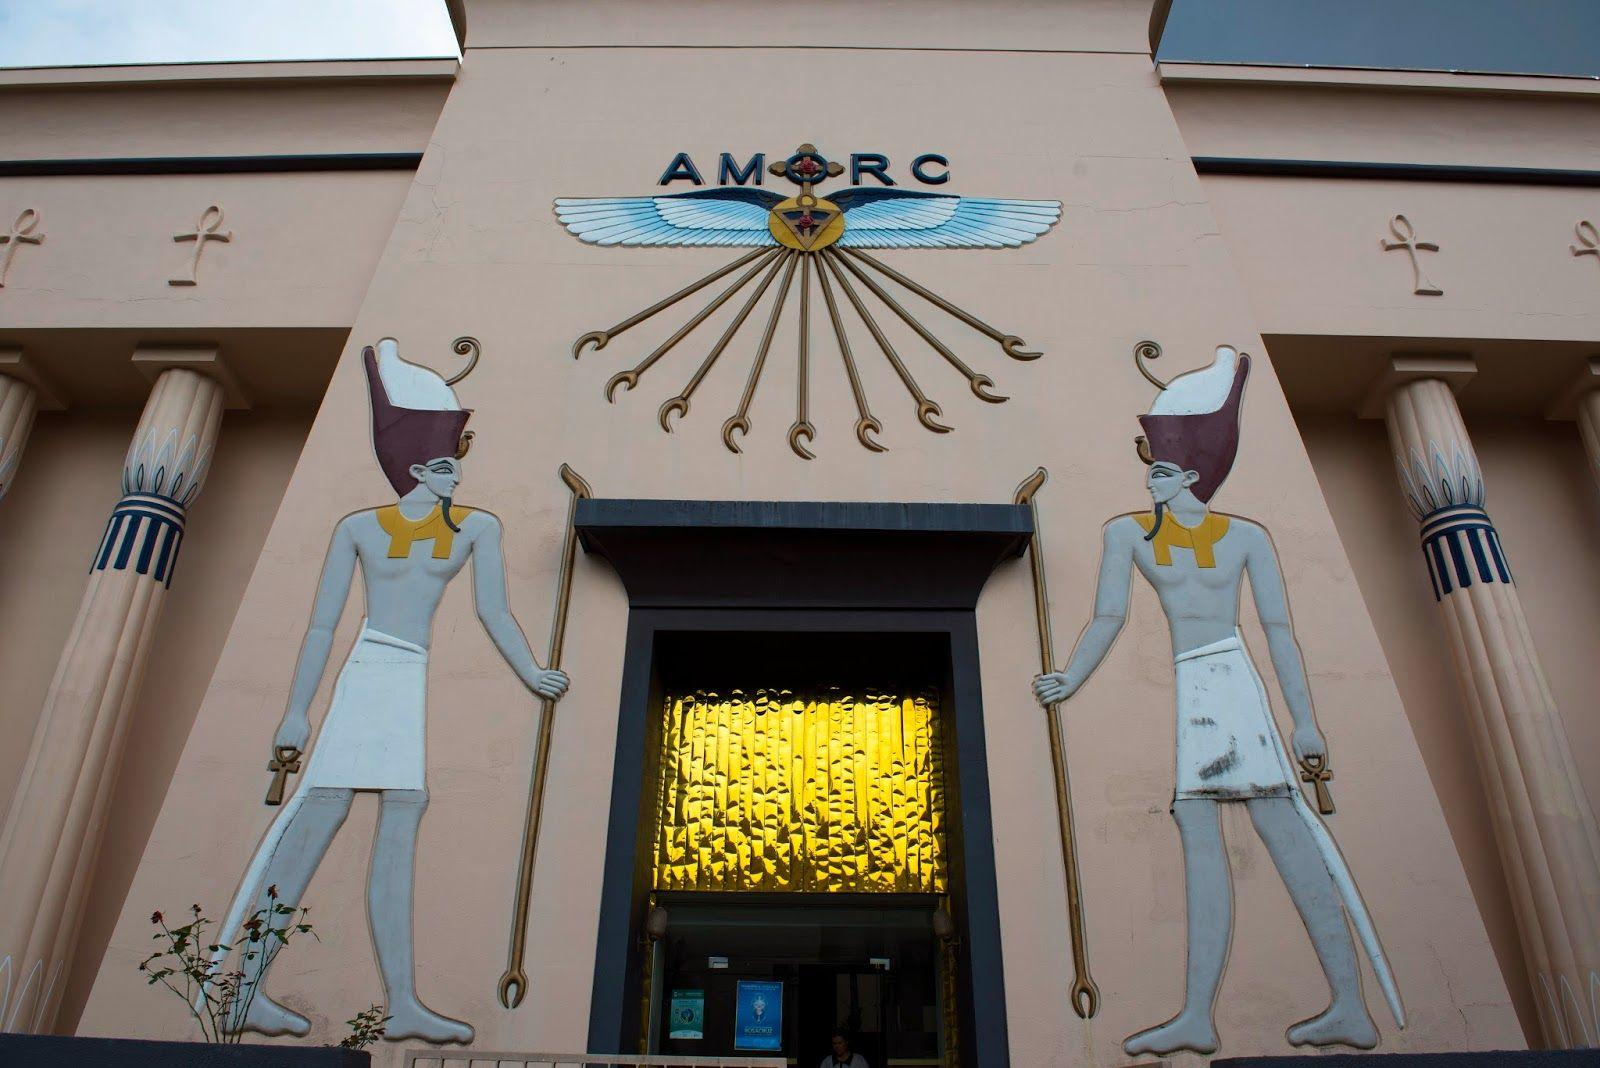 O Museu Egípcio e Rosacruz está localizado na cidade de Curitiba, Paraná – Rua Nicarágua,2620 – Bacacheri – Curitiba. Museu Egípcio e Rosacruz. Atendimento: Segunda a sexta-feira das 8h às 12h e das 13h às 17h30 e aos sábados das 14h30 às 17h00, exceto feriados. A entrada ao Museu Egípcio é gratuita. Para visitação em grupos é necessários agendamento pelo tefefone 041-3351-3024 http://urci.org.br/museuegipcioerosacruz/ E-mail: museu@amorc.org.br